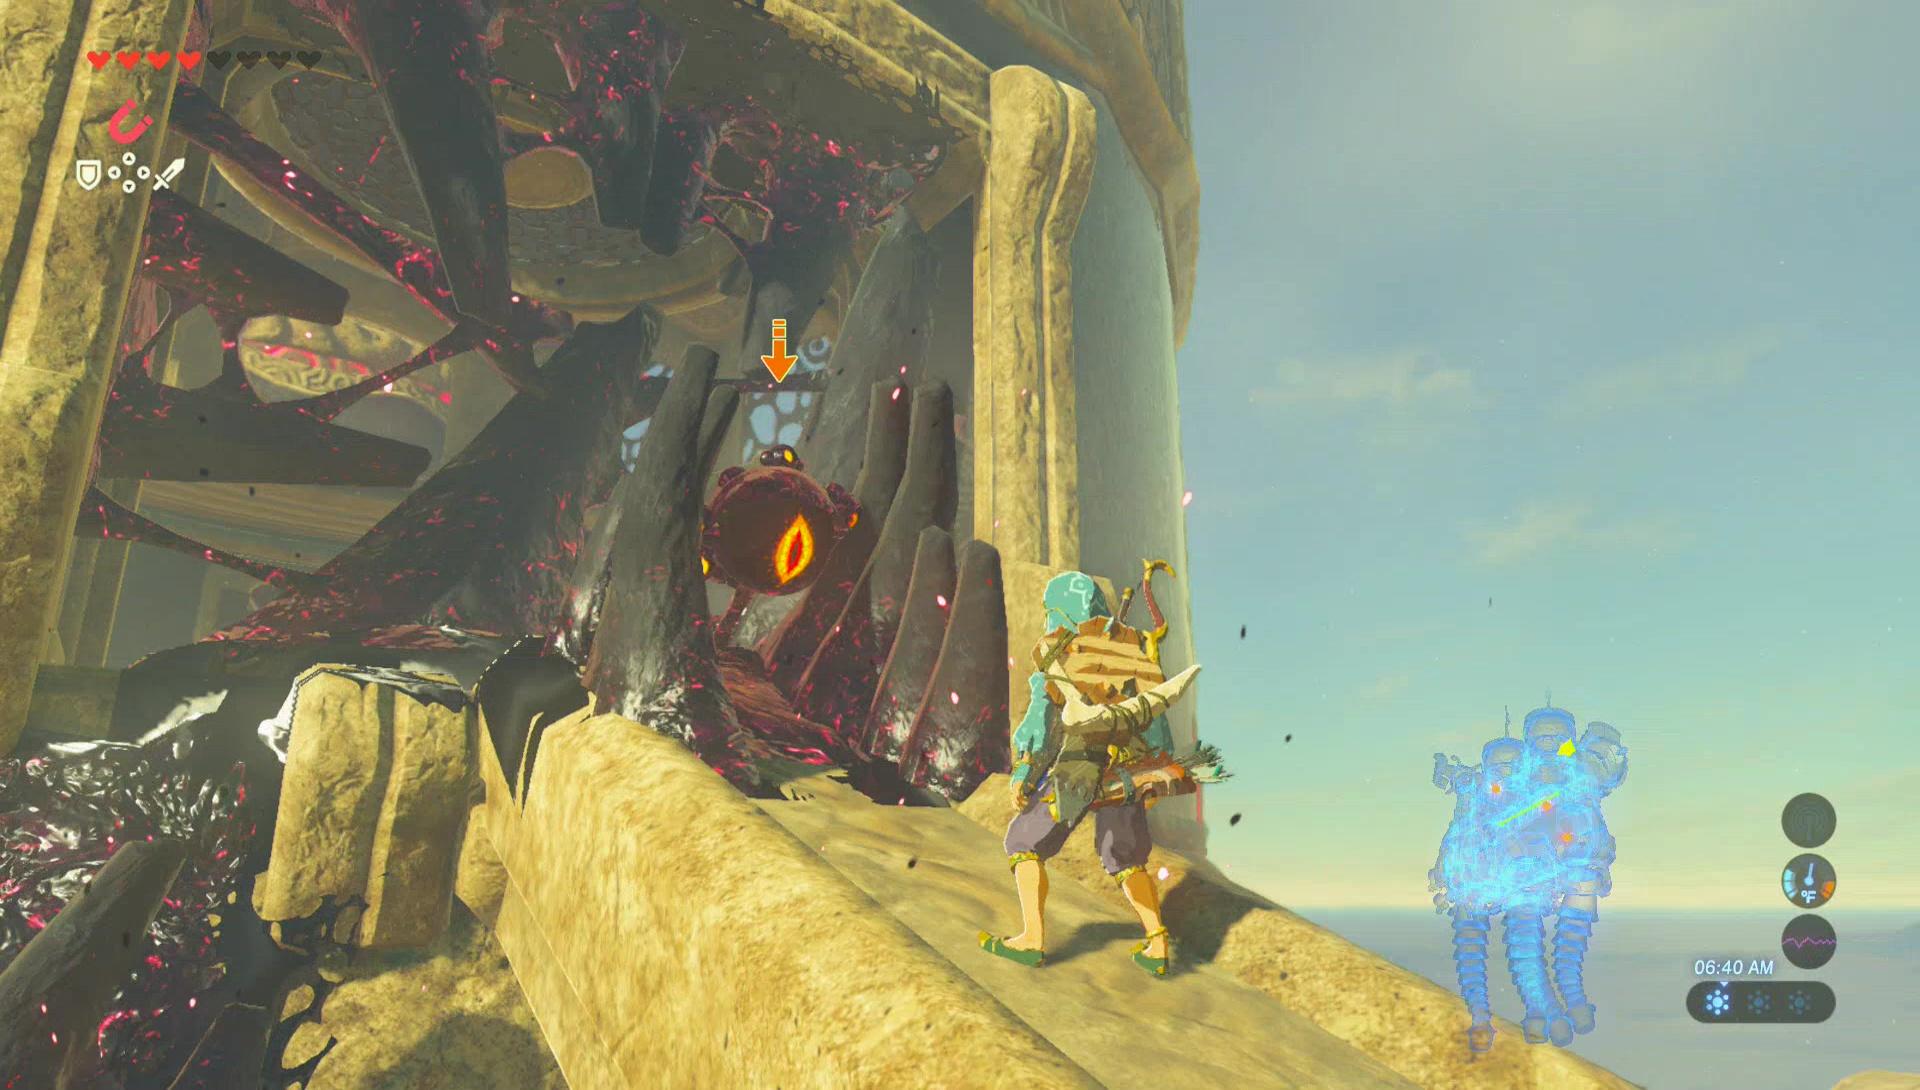 Breath Of The Wild Walkthrough Vah Naboris Dungeon Zelda Dungeon